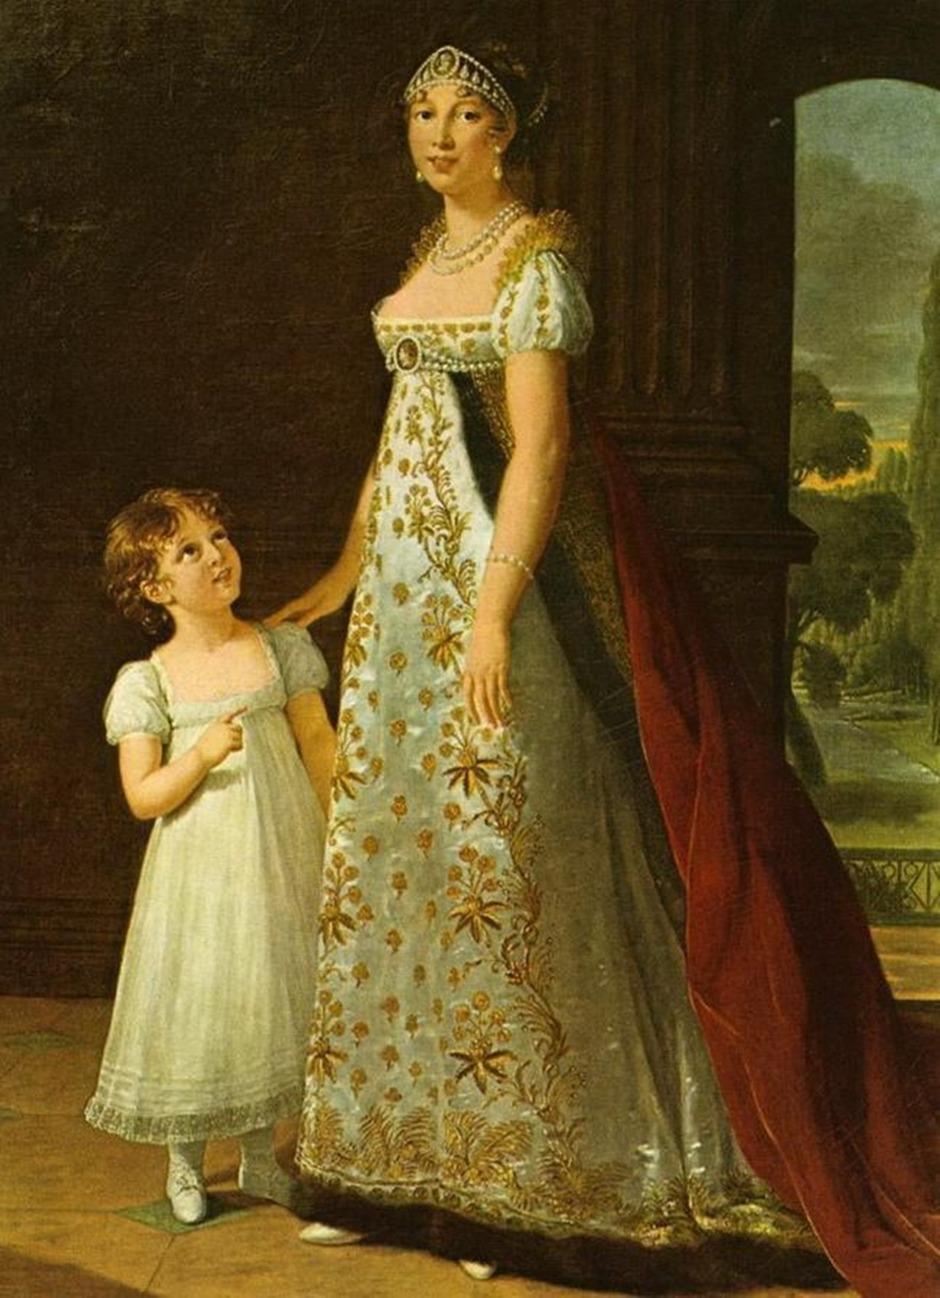 Caroline Murat, Queen of Naples, with her daughter, Letizia. 1807.